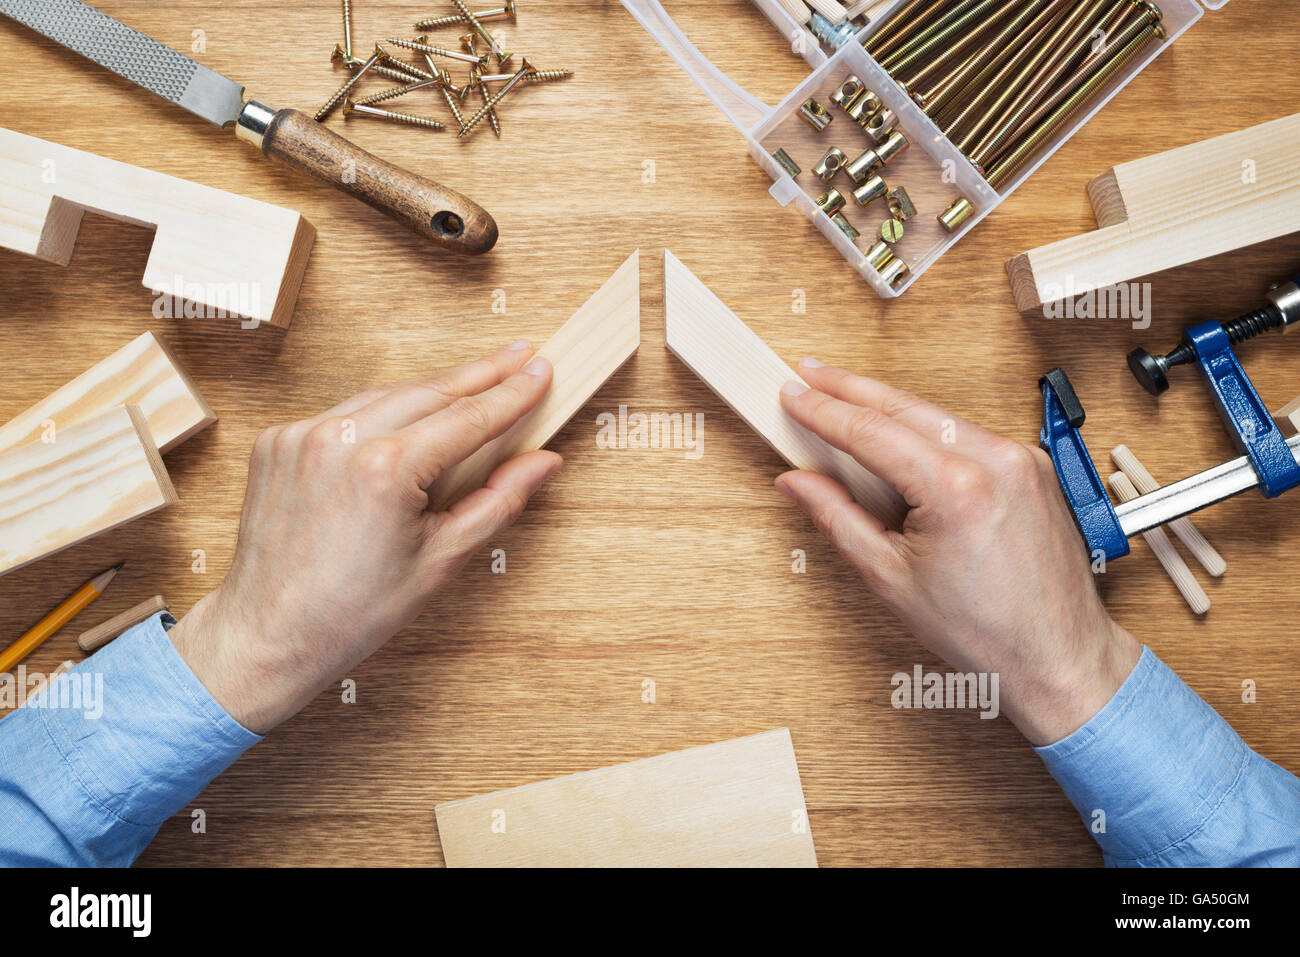 Holzbearbeitung-Workshop-Tischplatte-Szene. Herstellung von ...